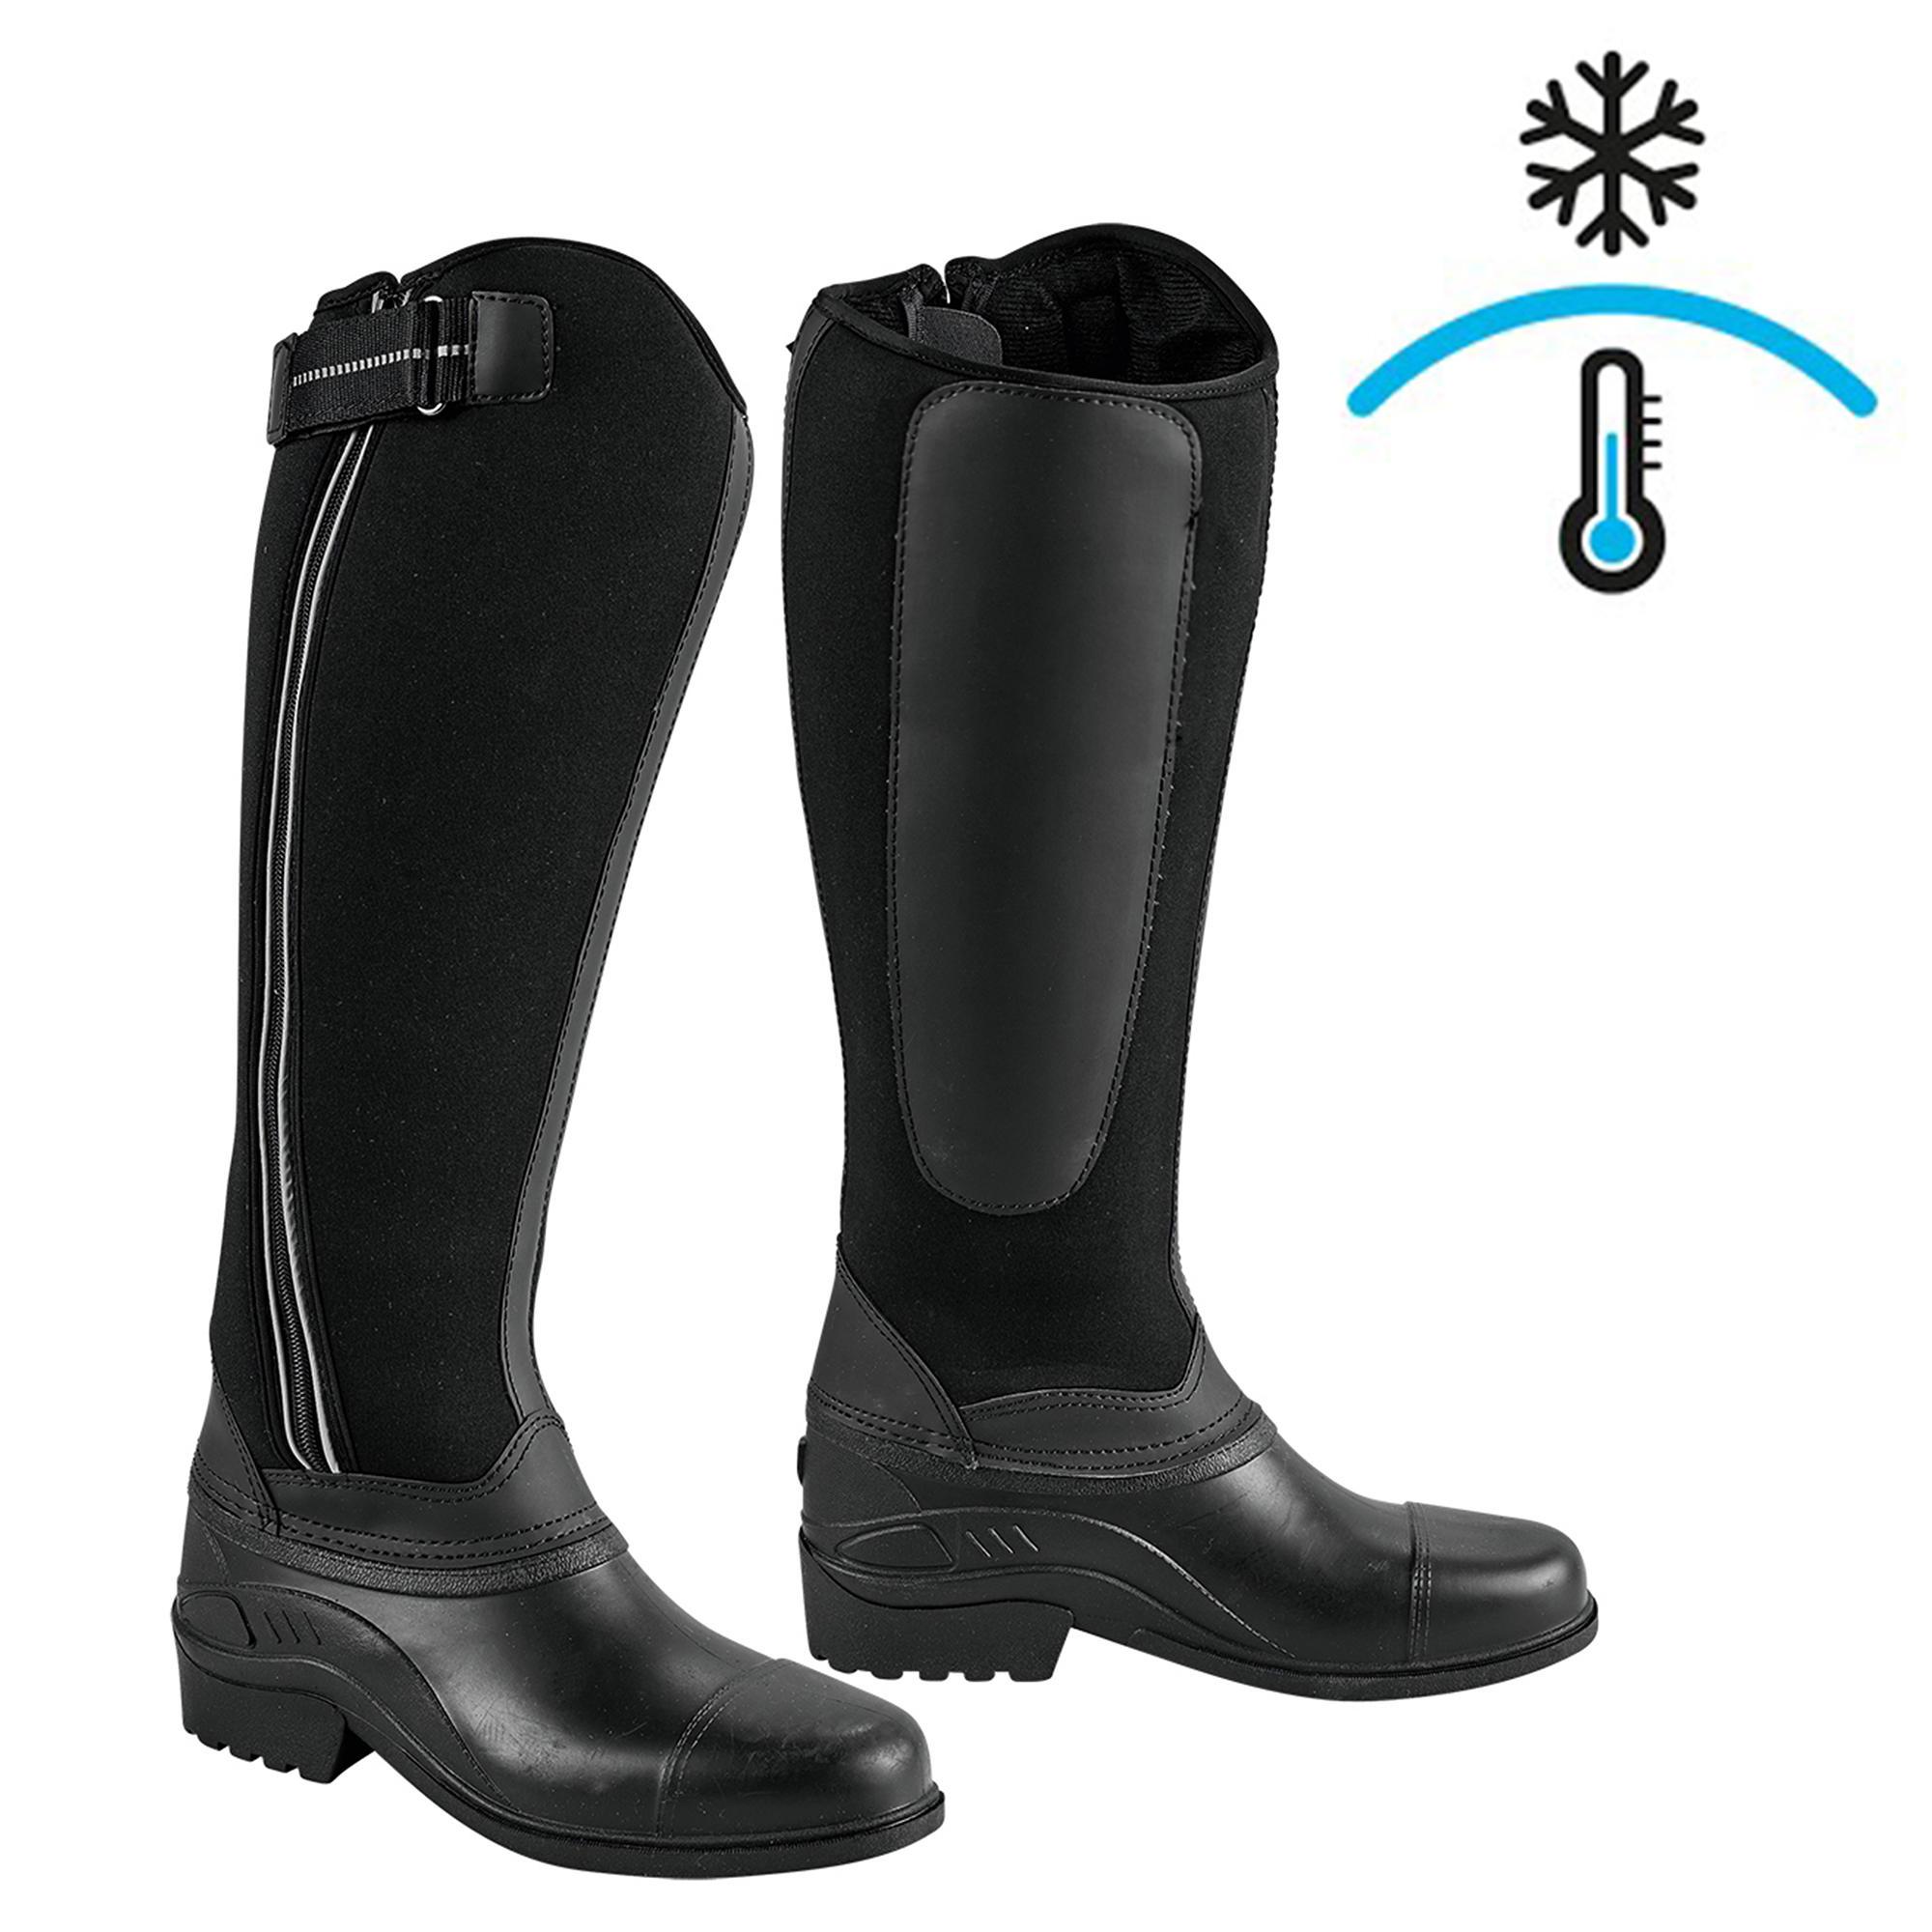 Winter-Reitstiefel Neopren Erwachsene | Schuhe > Sportschuhe > Reitstiefel | Kerbl